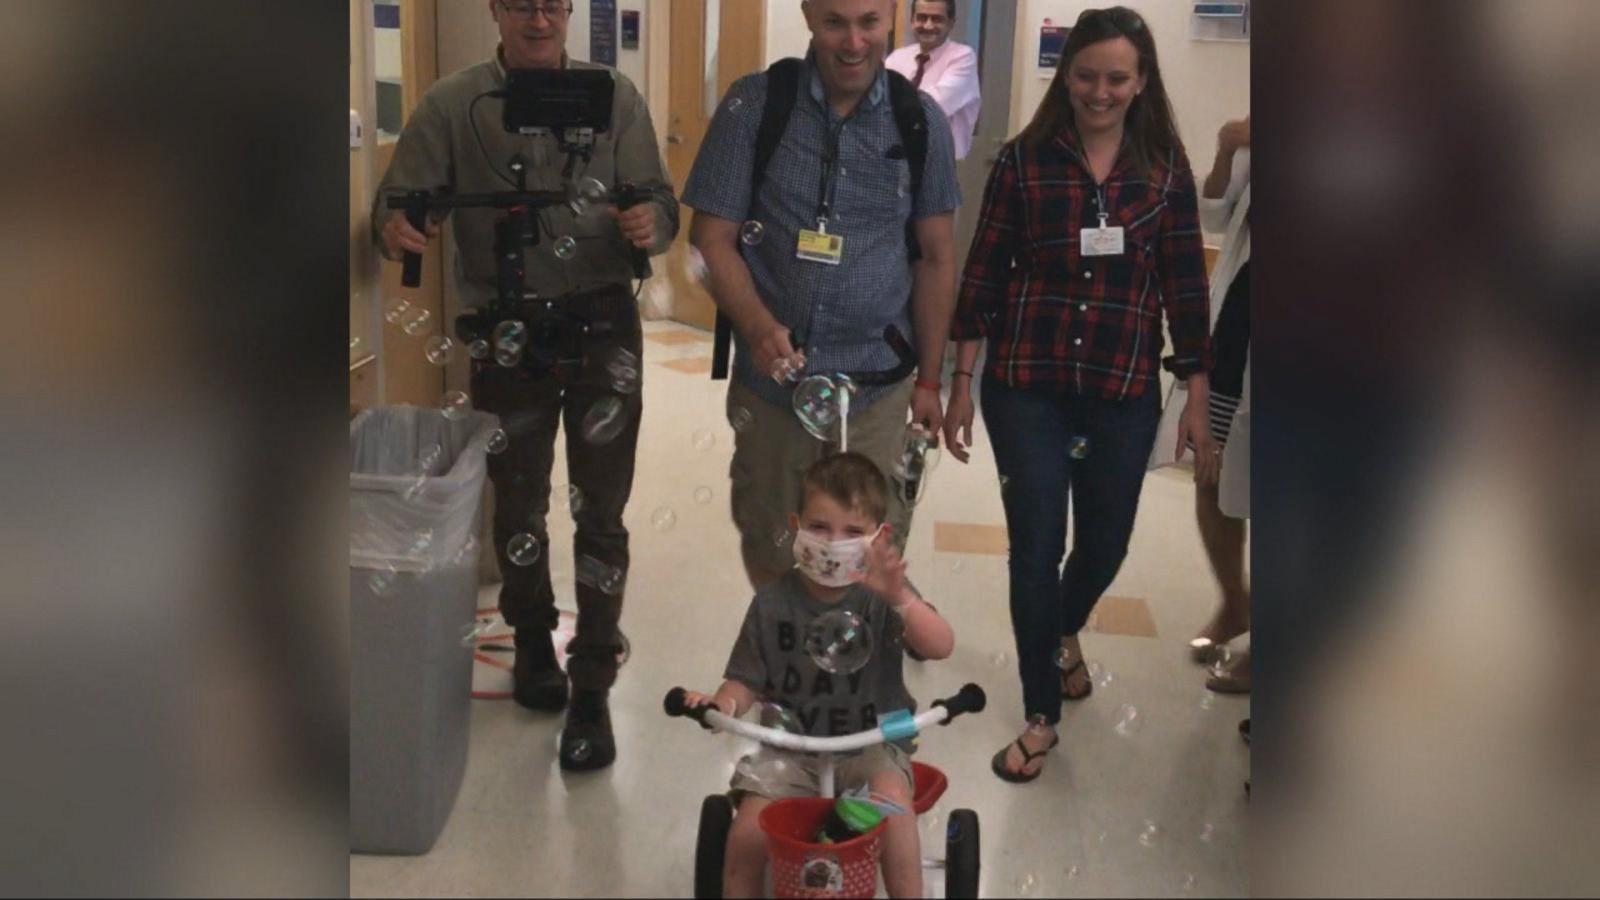 5-year-old heart transplant recipient Ari Schultz dies - ABC